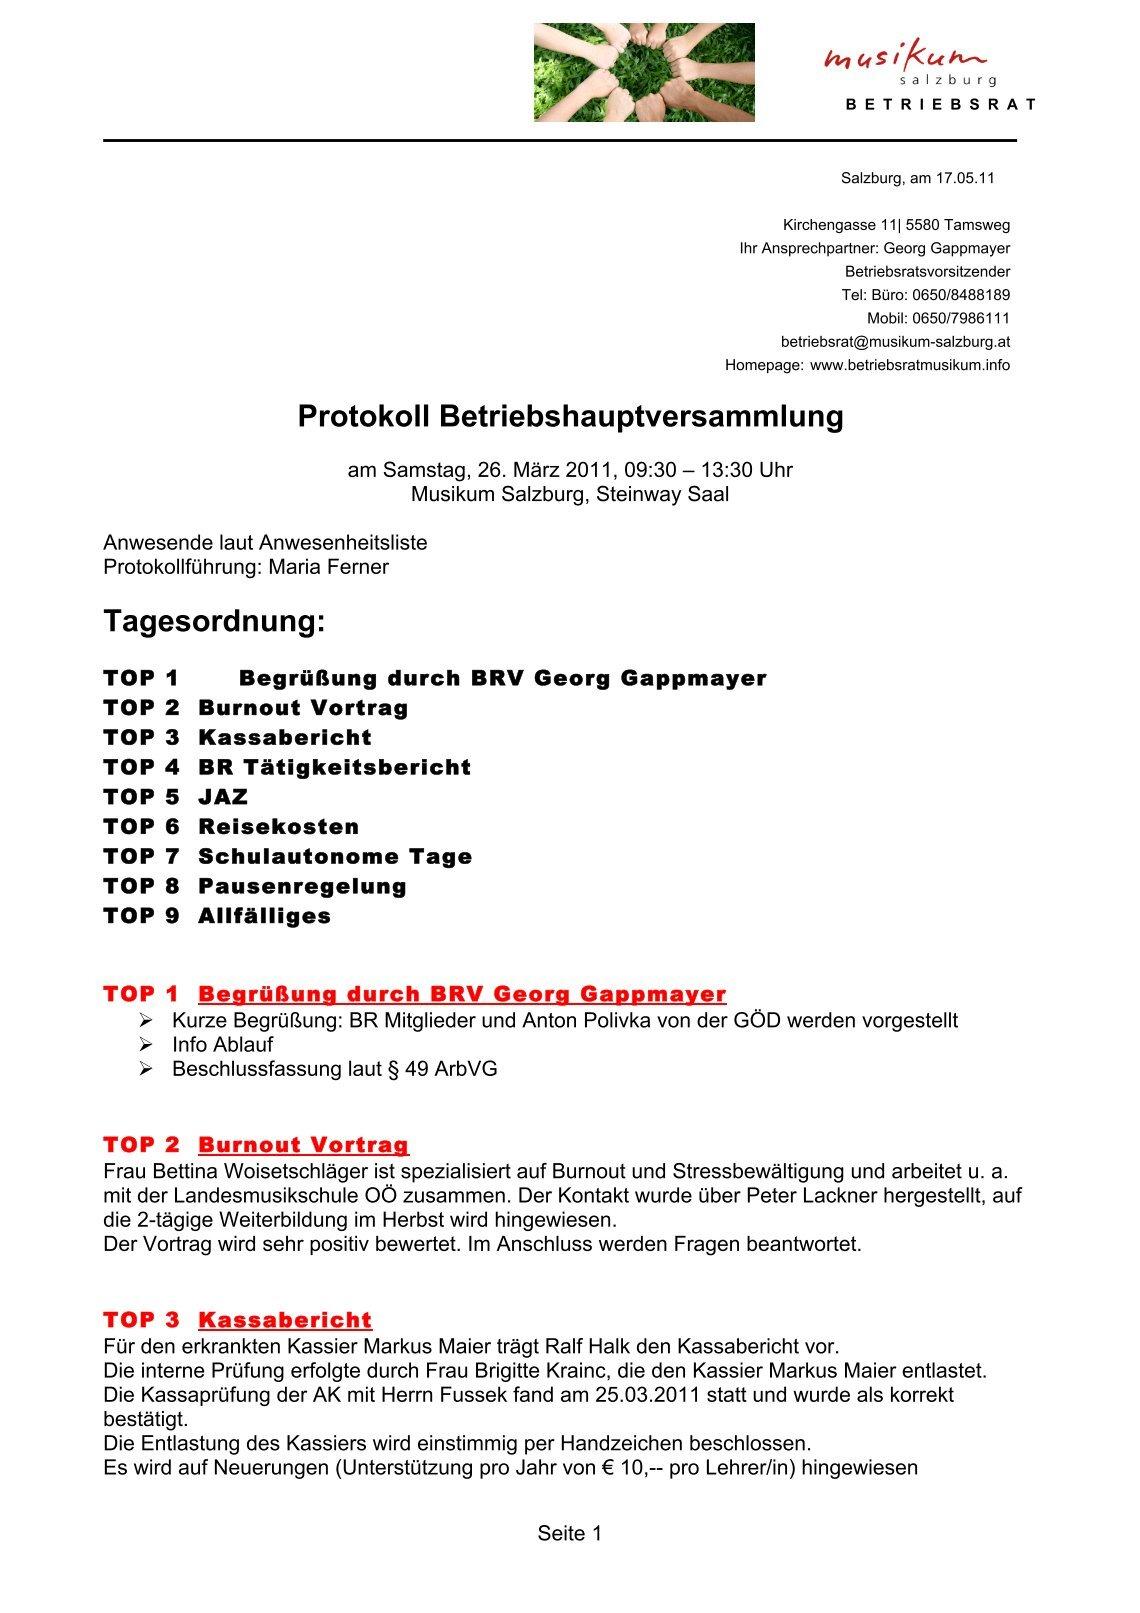 Wunderbar Protokollvorlage Für Die Hauptversammlung Ideen - Entry ...